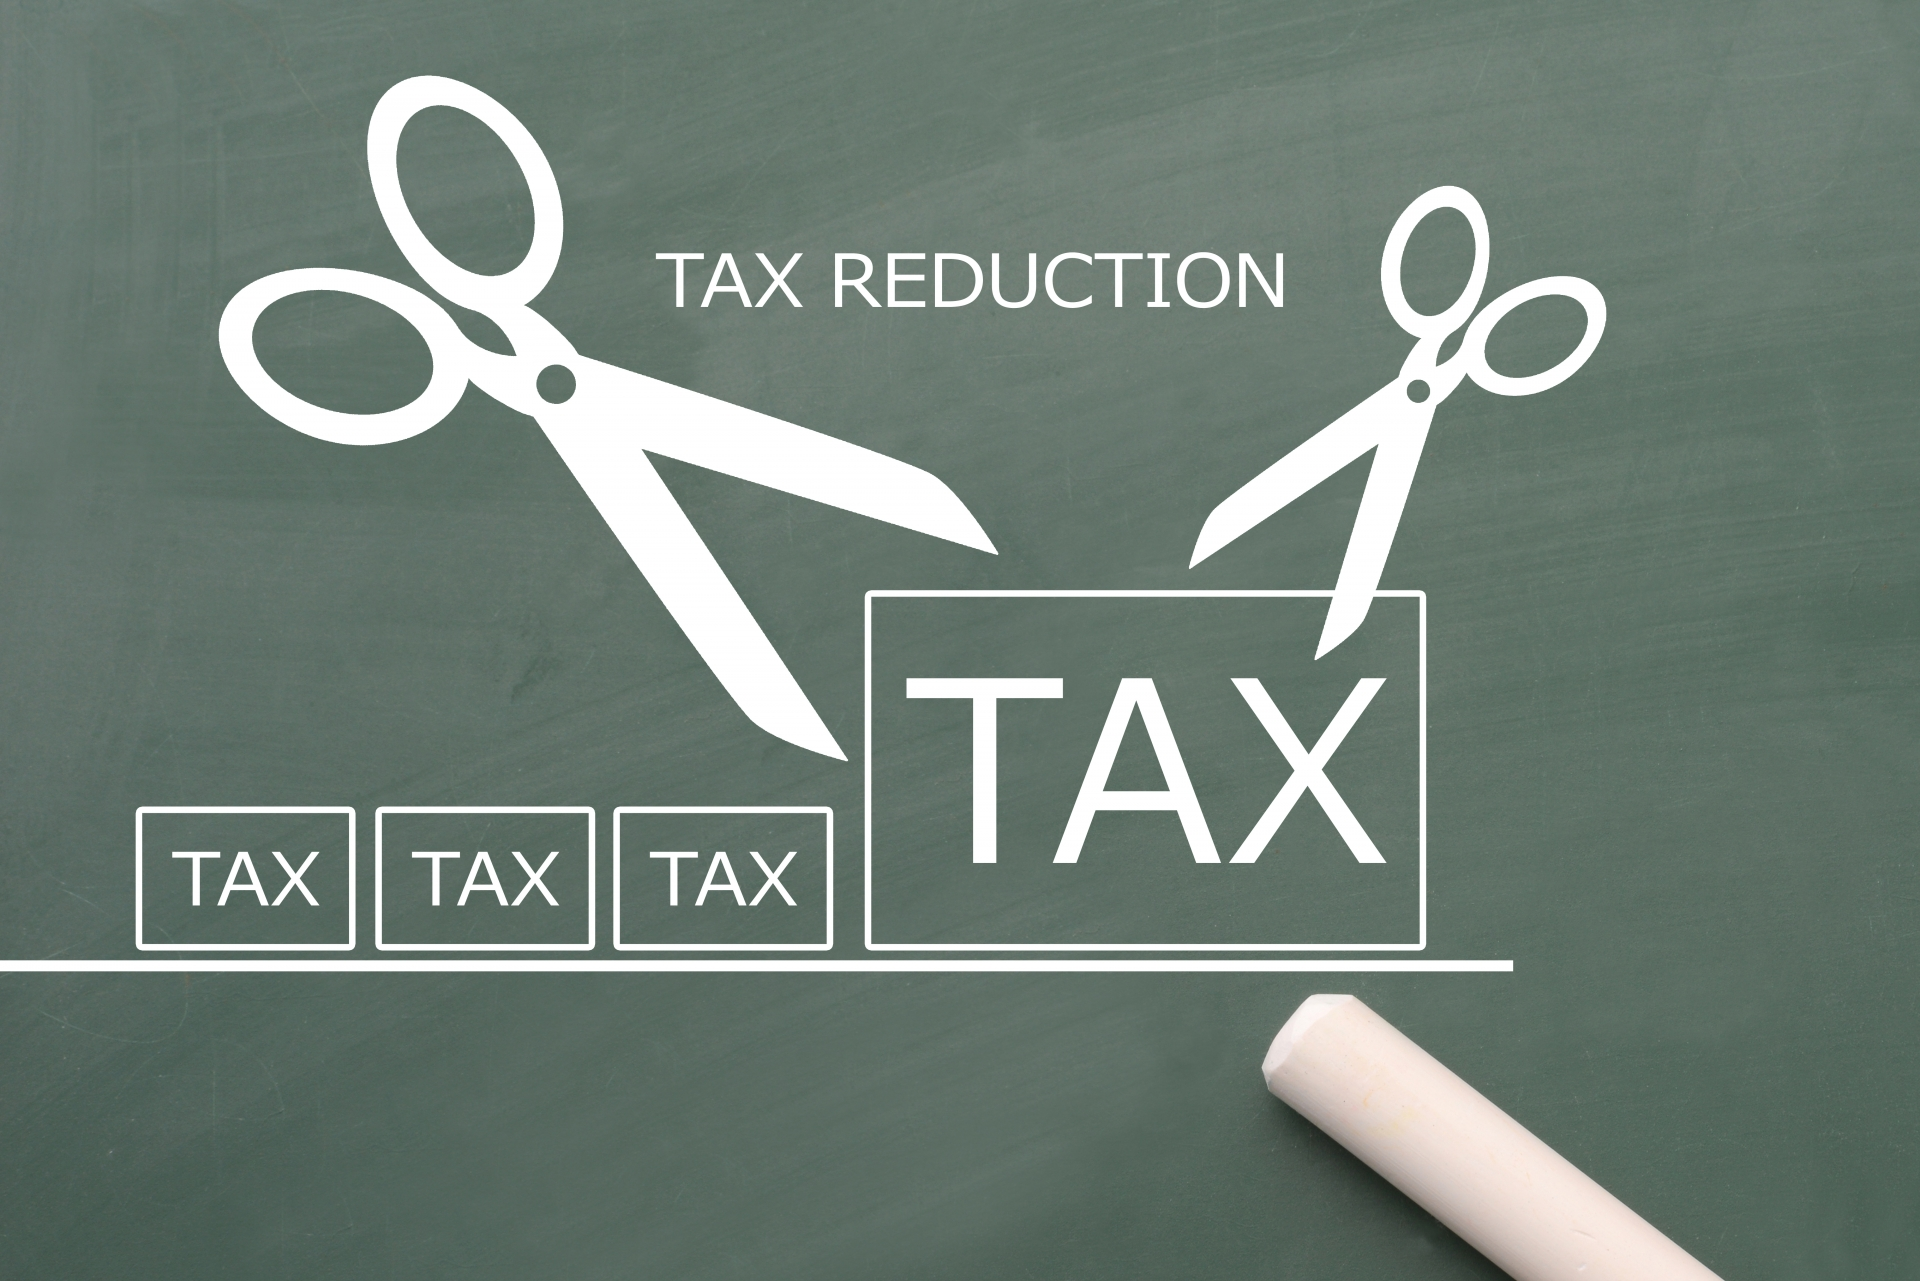 「ドイツ消費税減税→日本も消費税減税」はマネーリテラシーが低い